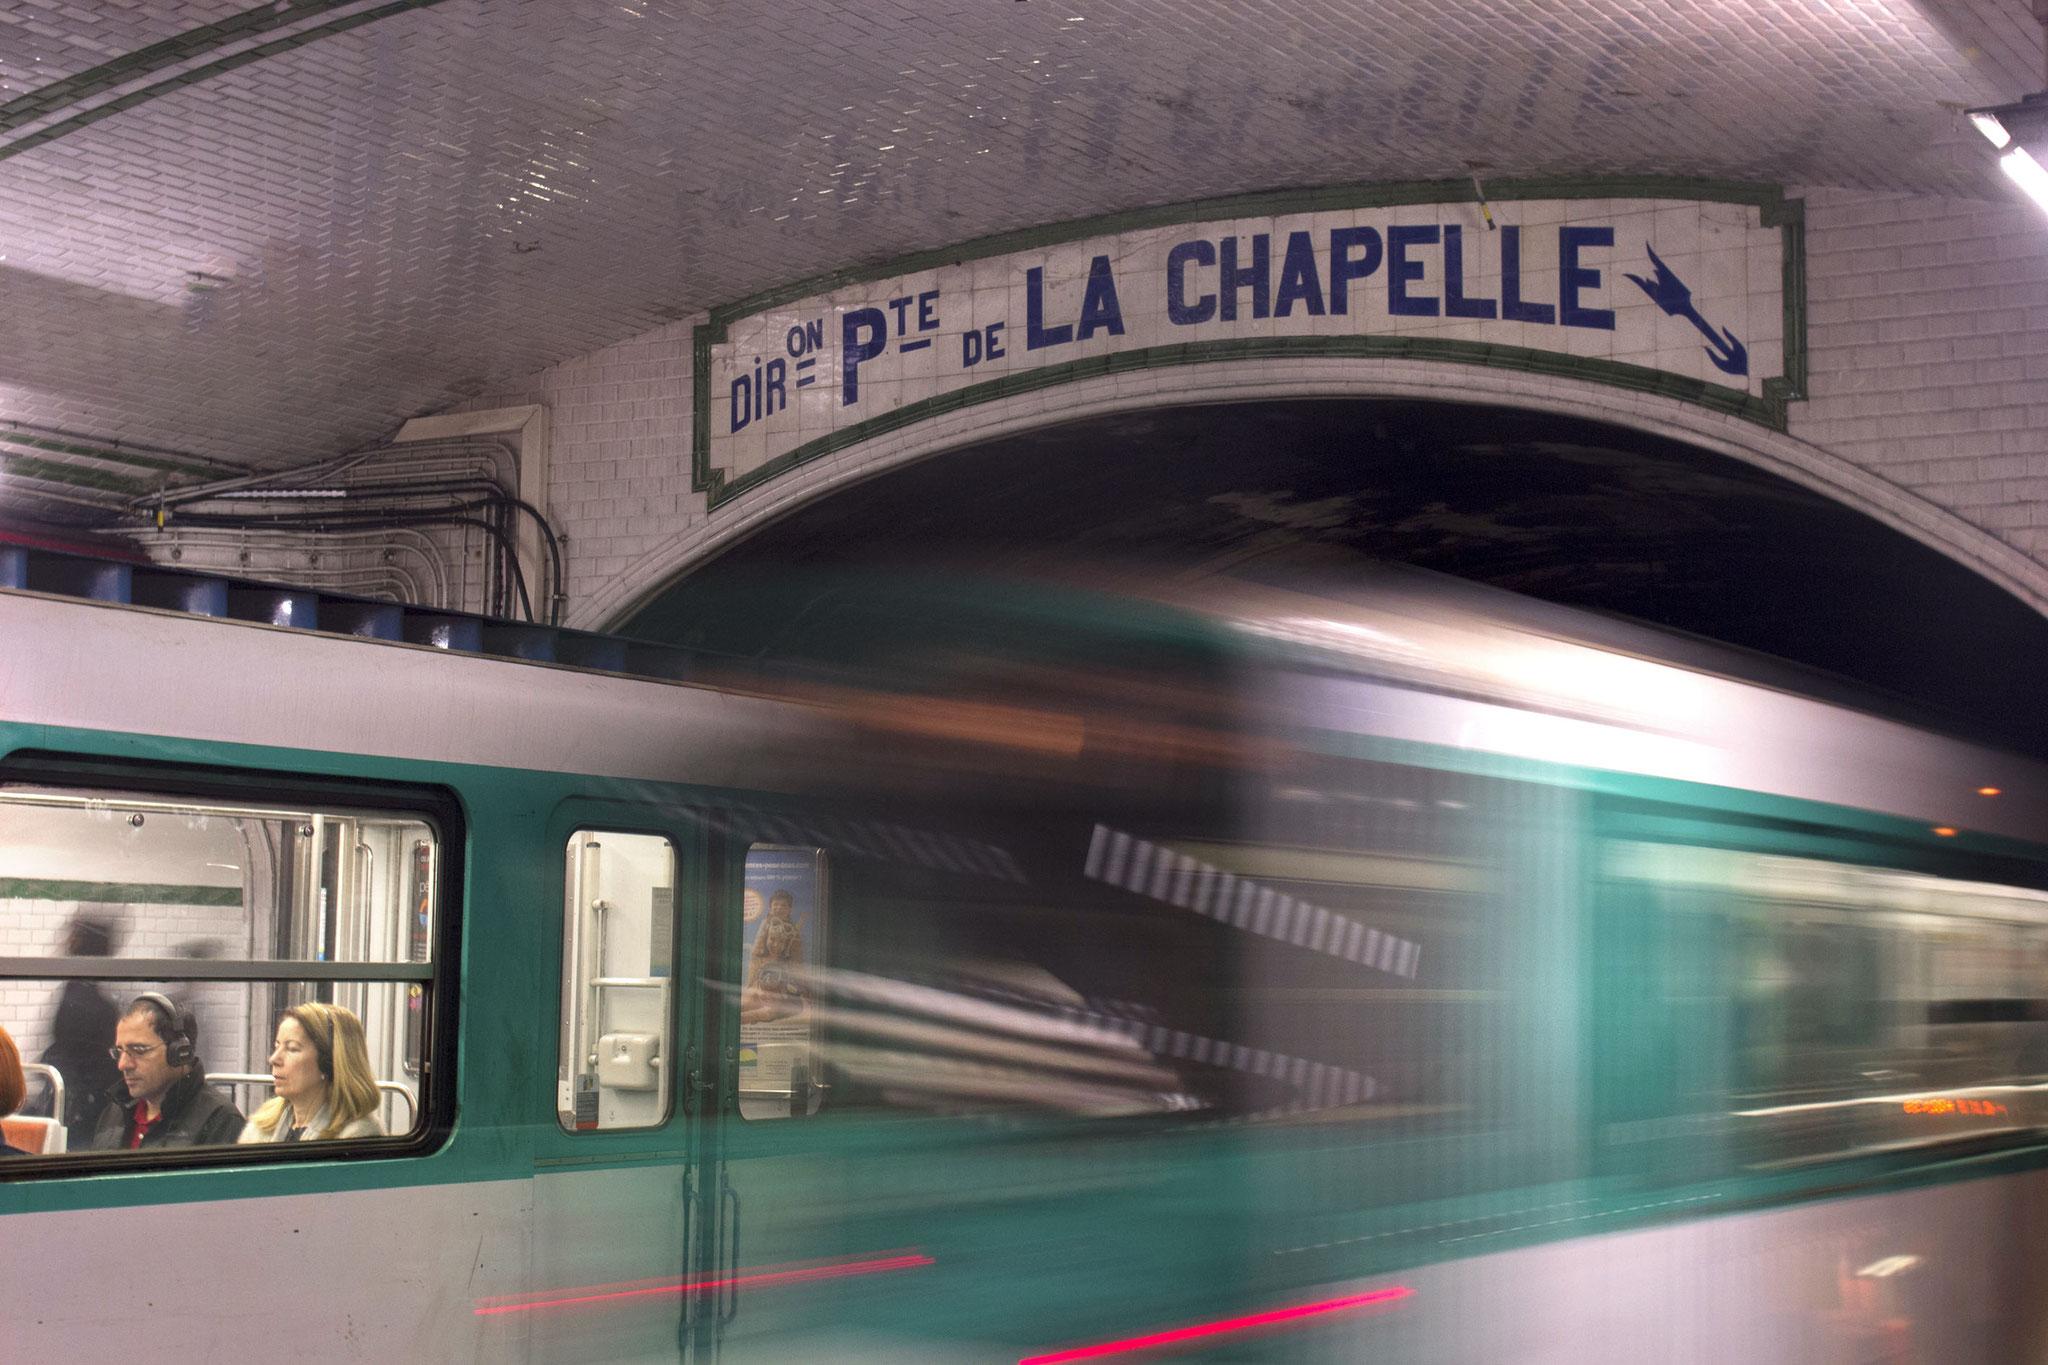 10 - Philippe GOMIS - PORTE DE LA CHAPELLE